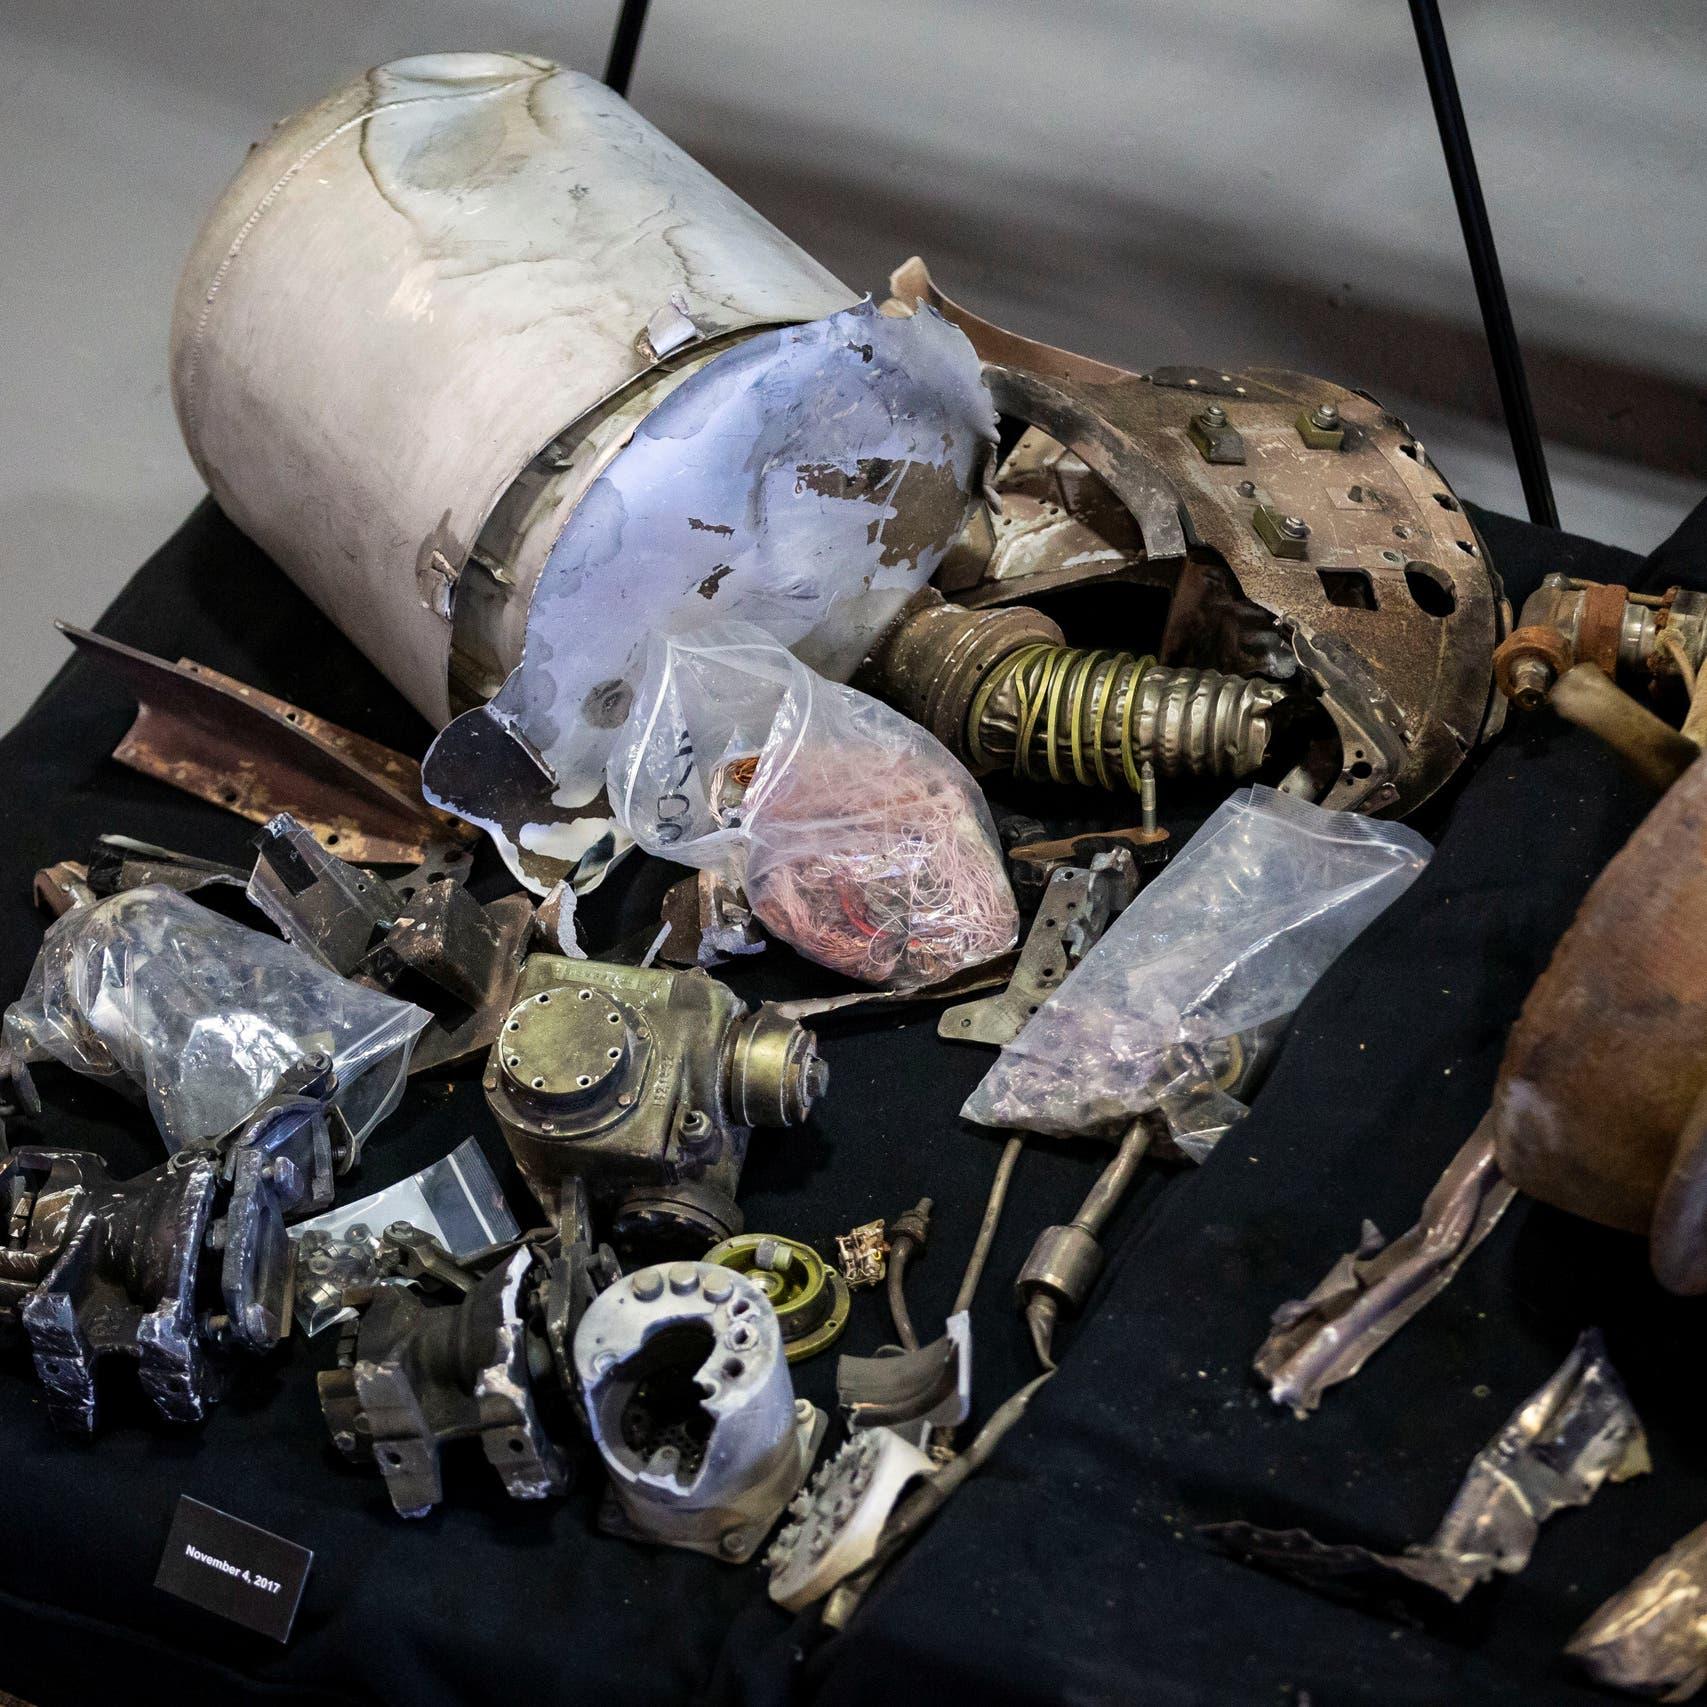 التحالف: تدمير باليستي حوثي أطلق نحو الرياض